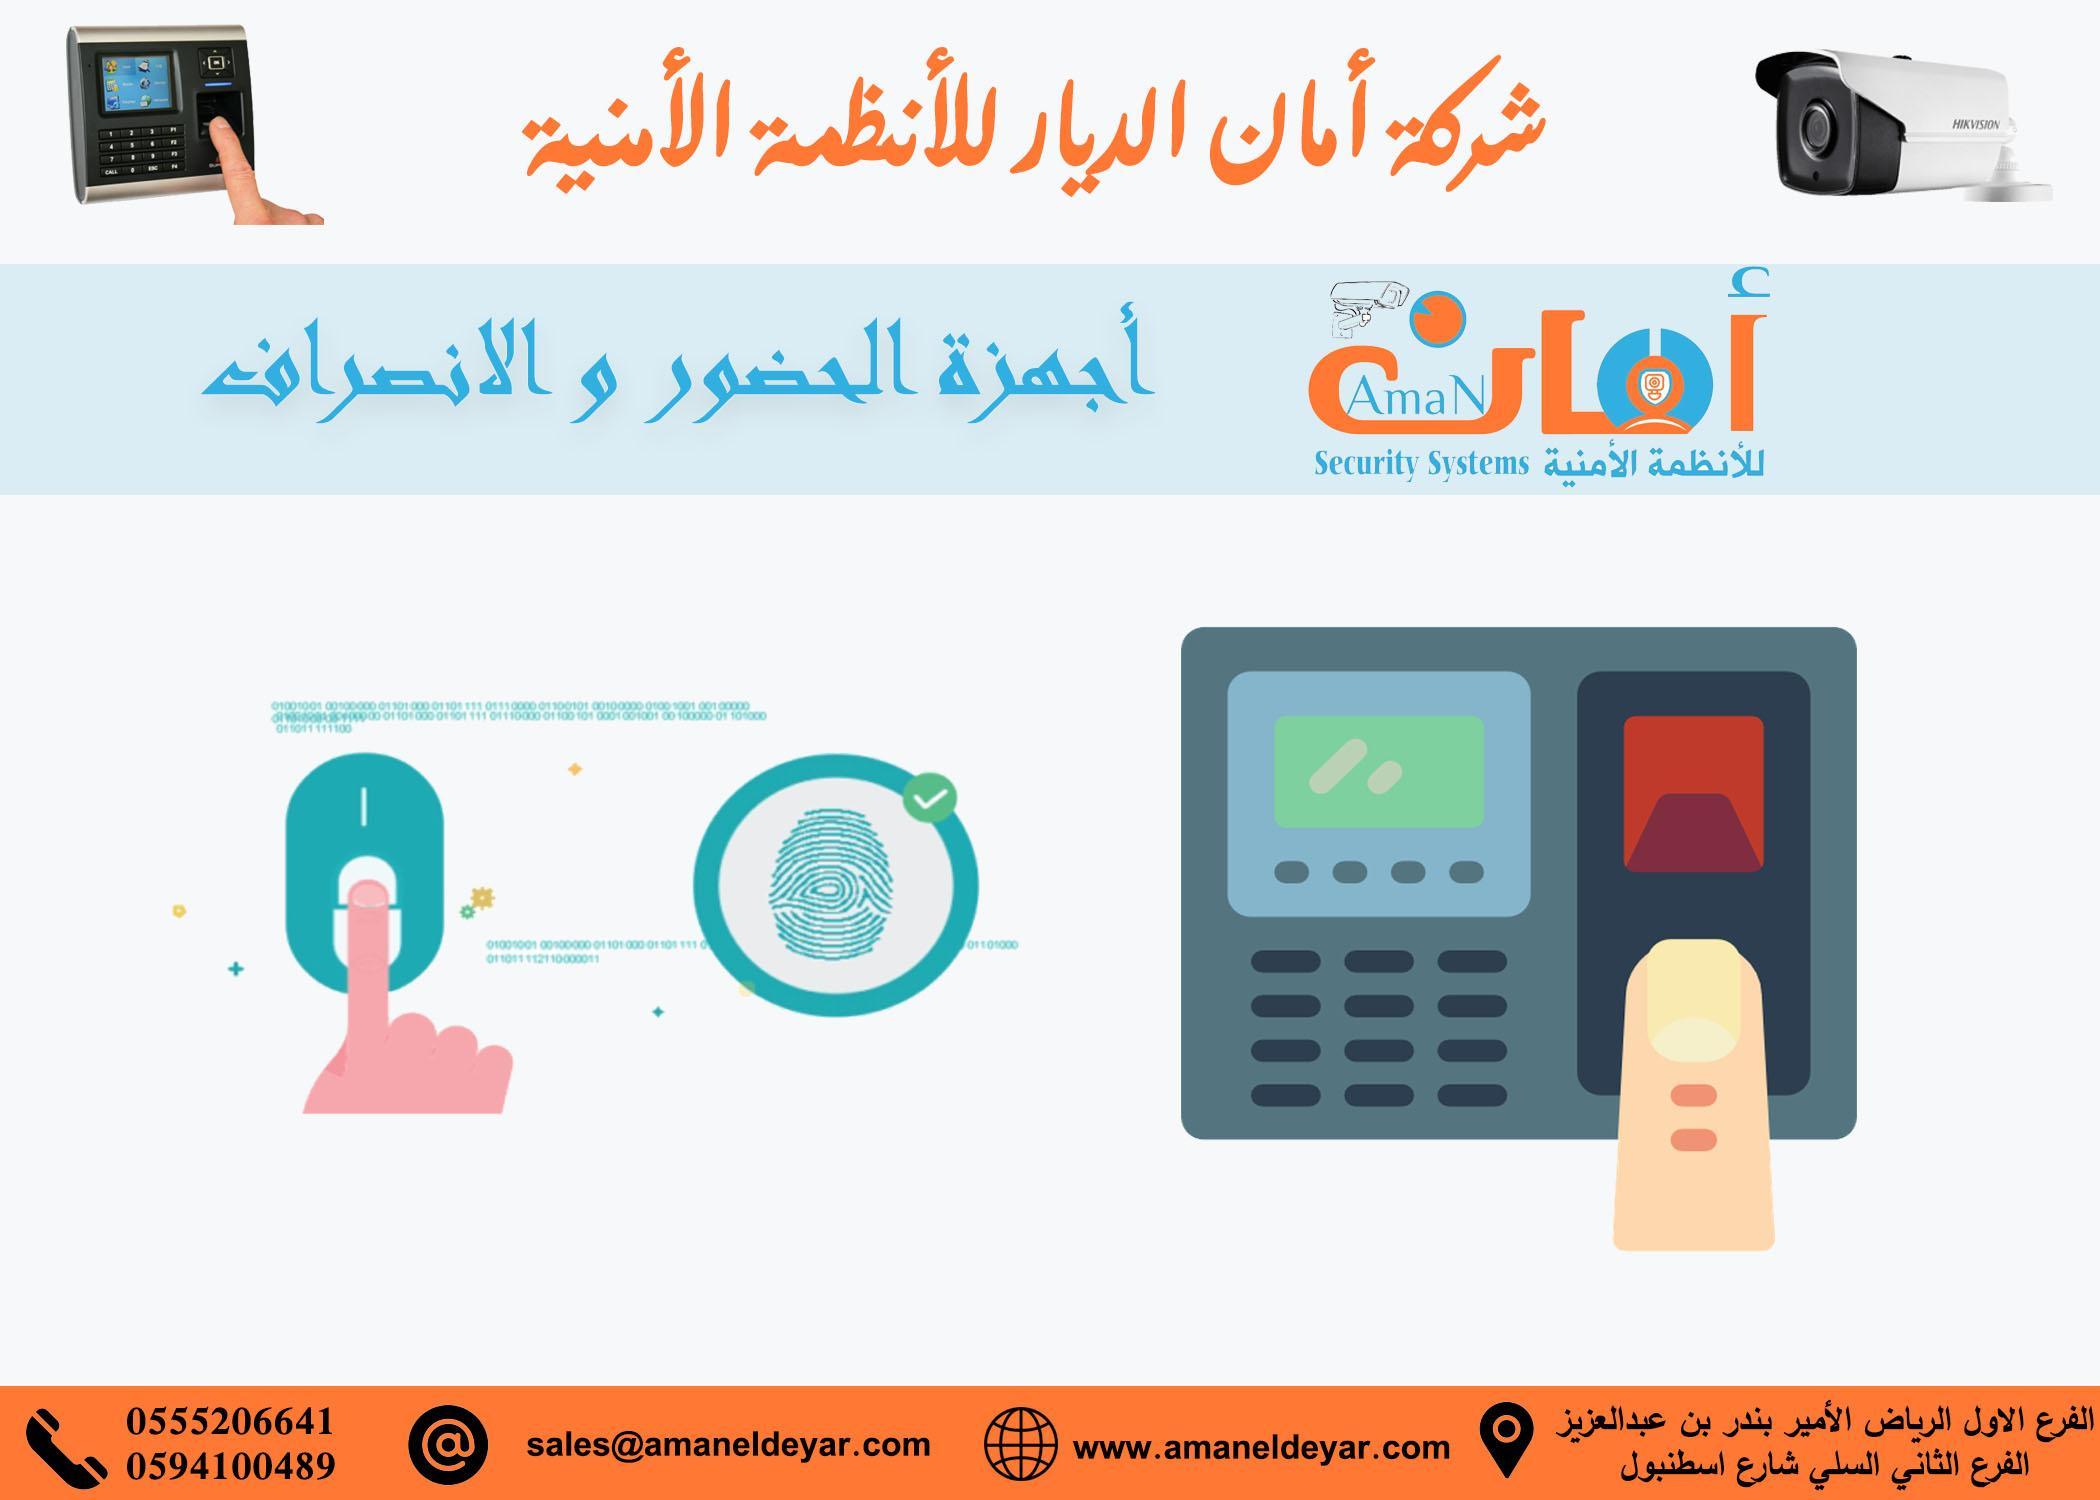 أجهزة الحضور و الانصراف من شركة أمان الديار  765593575